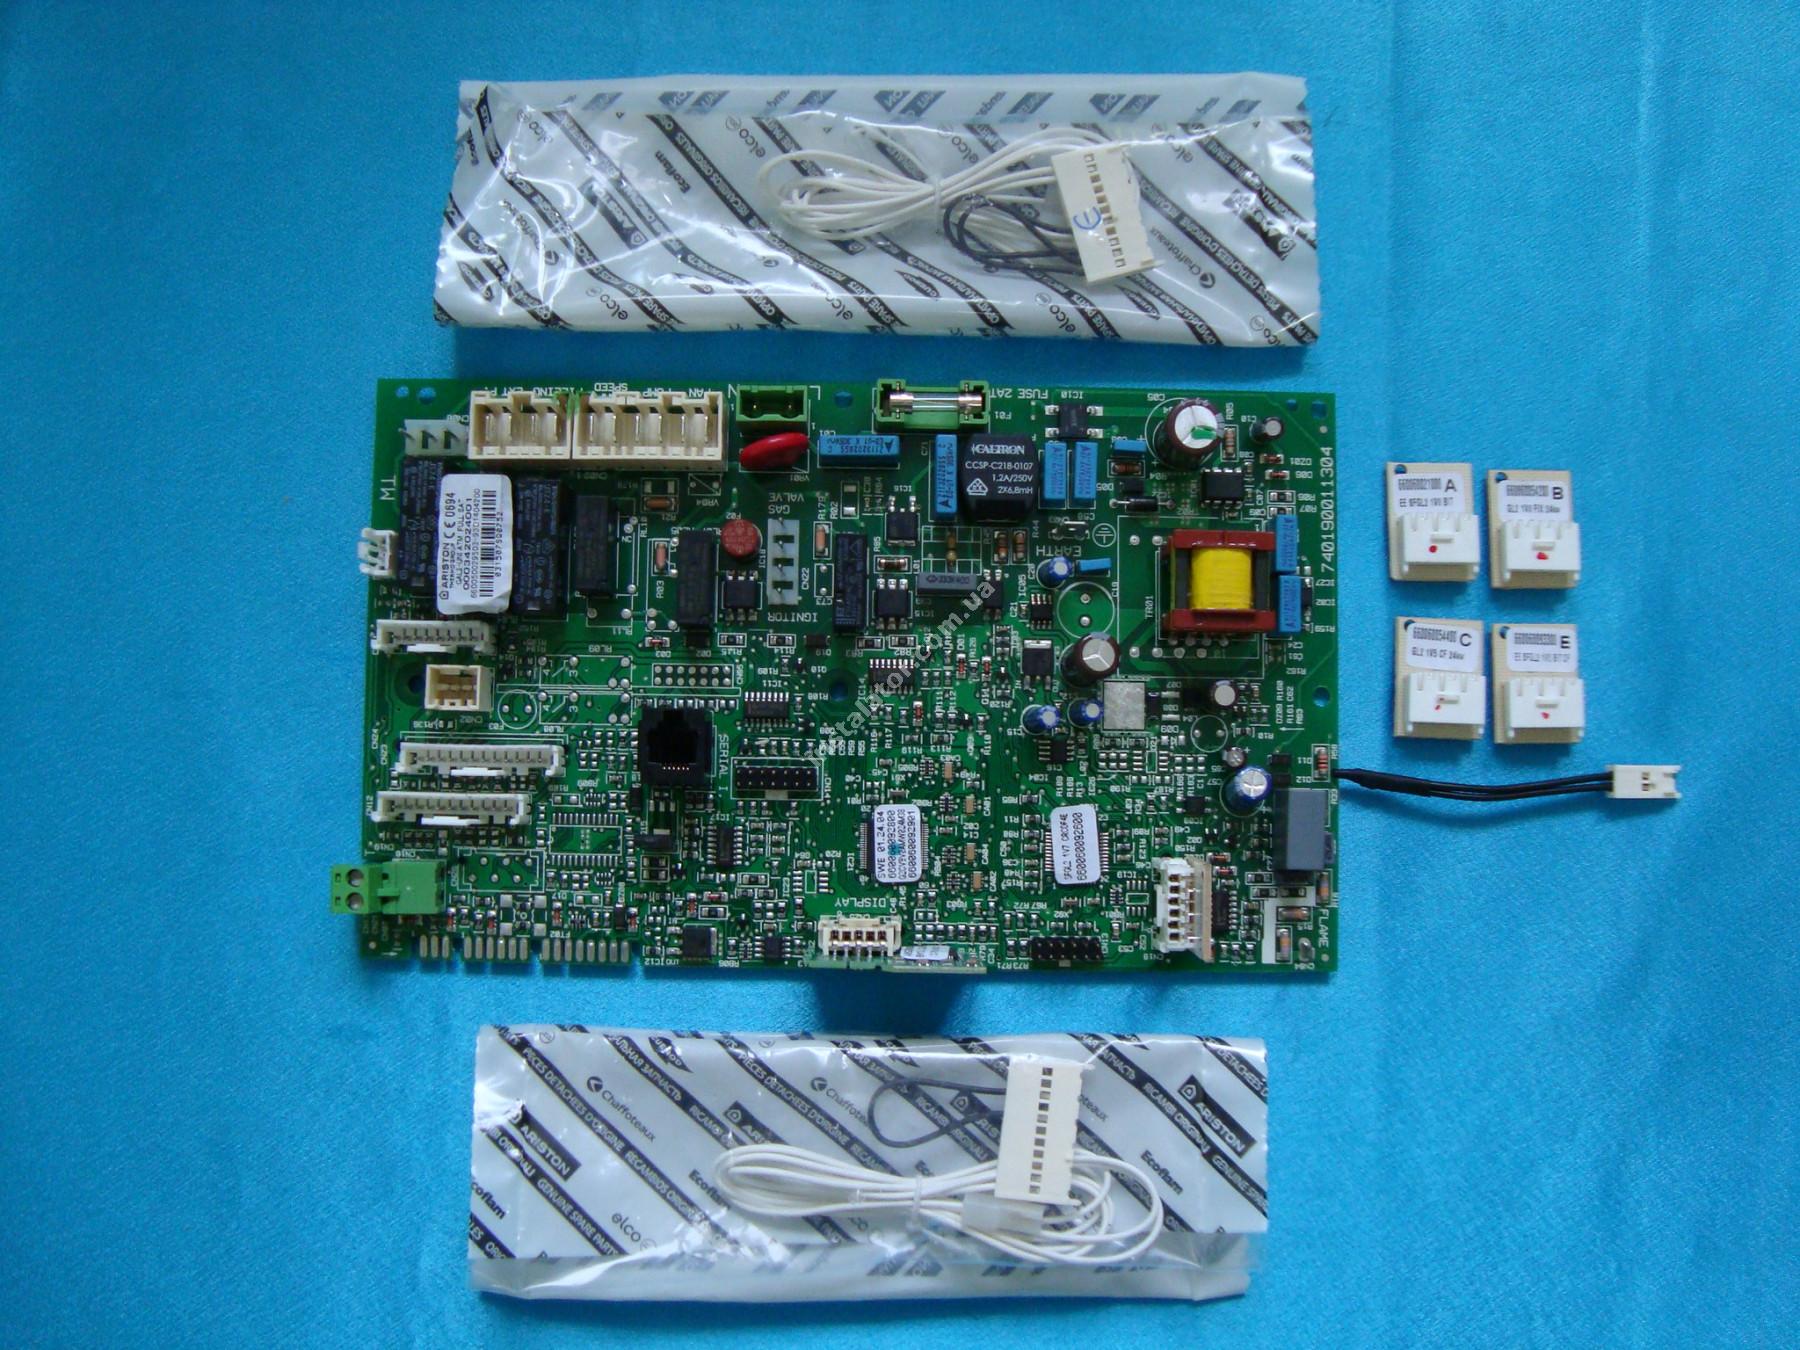 65109313-04 Плата керування універсальна ARISTON/CHAFFOTEAUX full-image-3